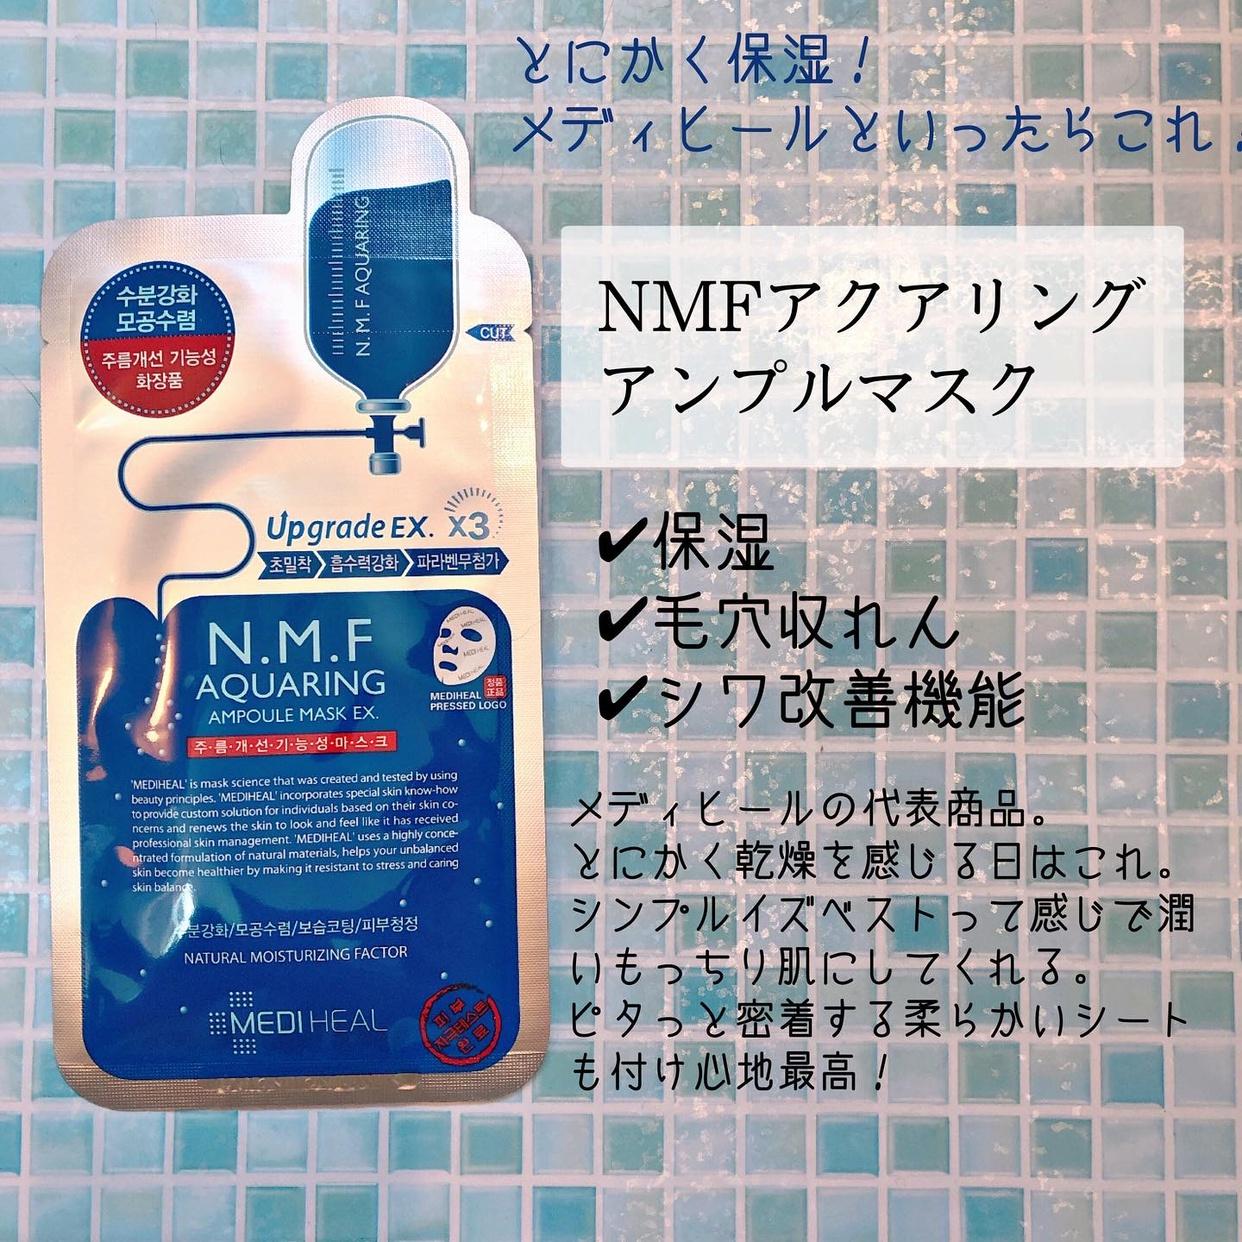 MEDIHEAL(メディヒール) N.M.F アクアアンプルマスクJEXを使ったsachikoさんのクチコミ画像2